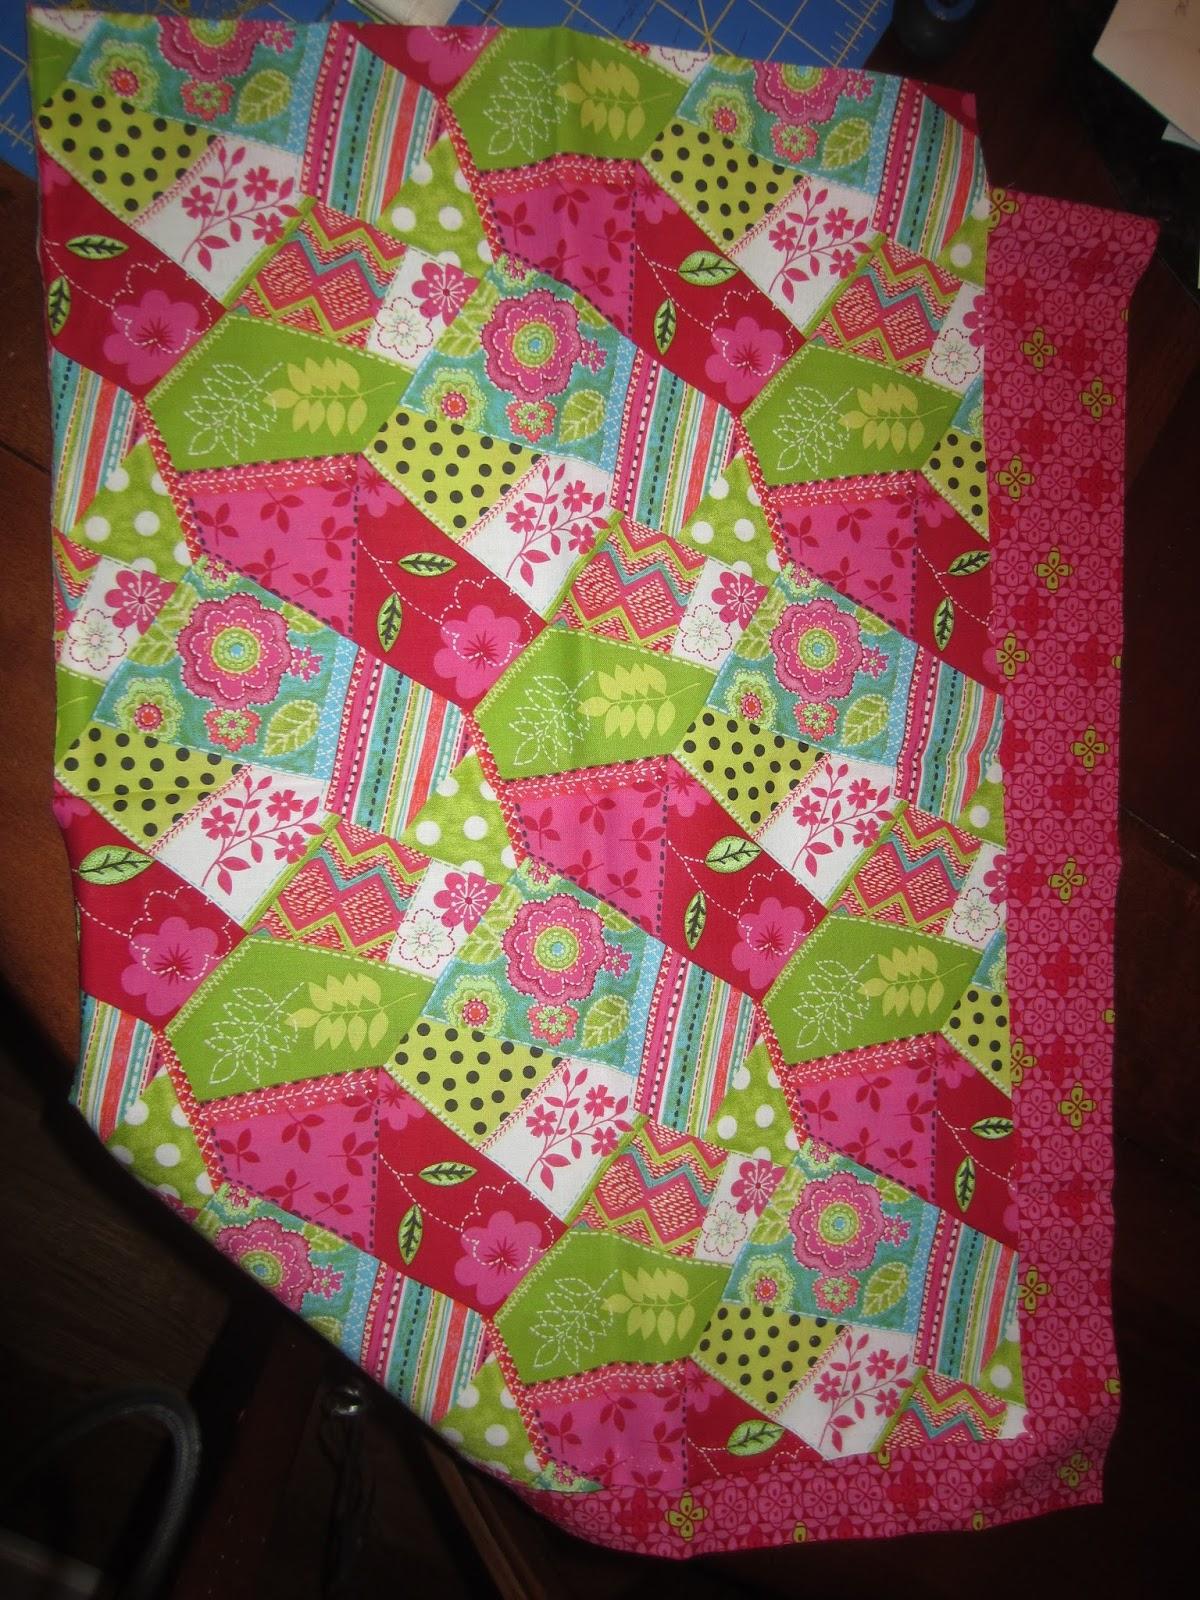 Seams Sew Precious Diy Quilt Block Applique Envelopes